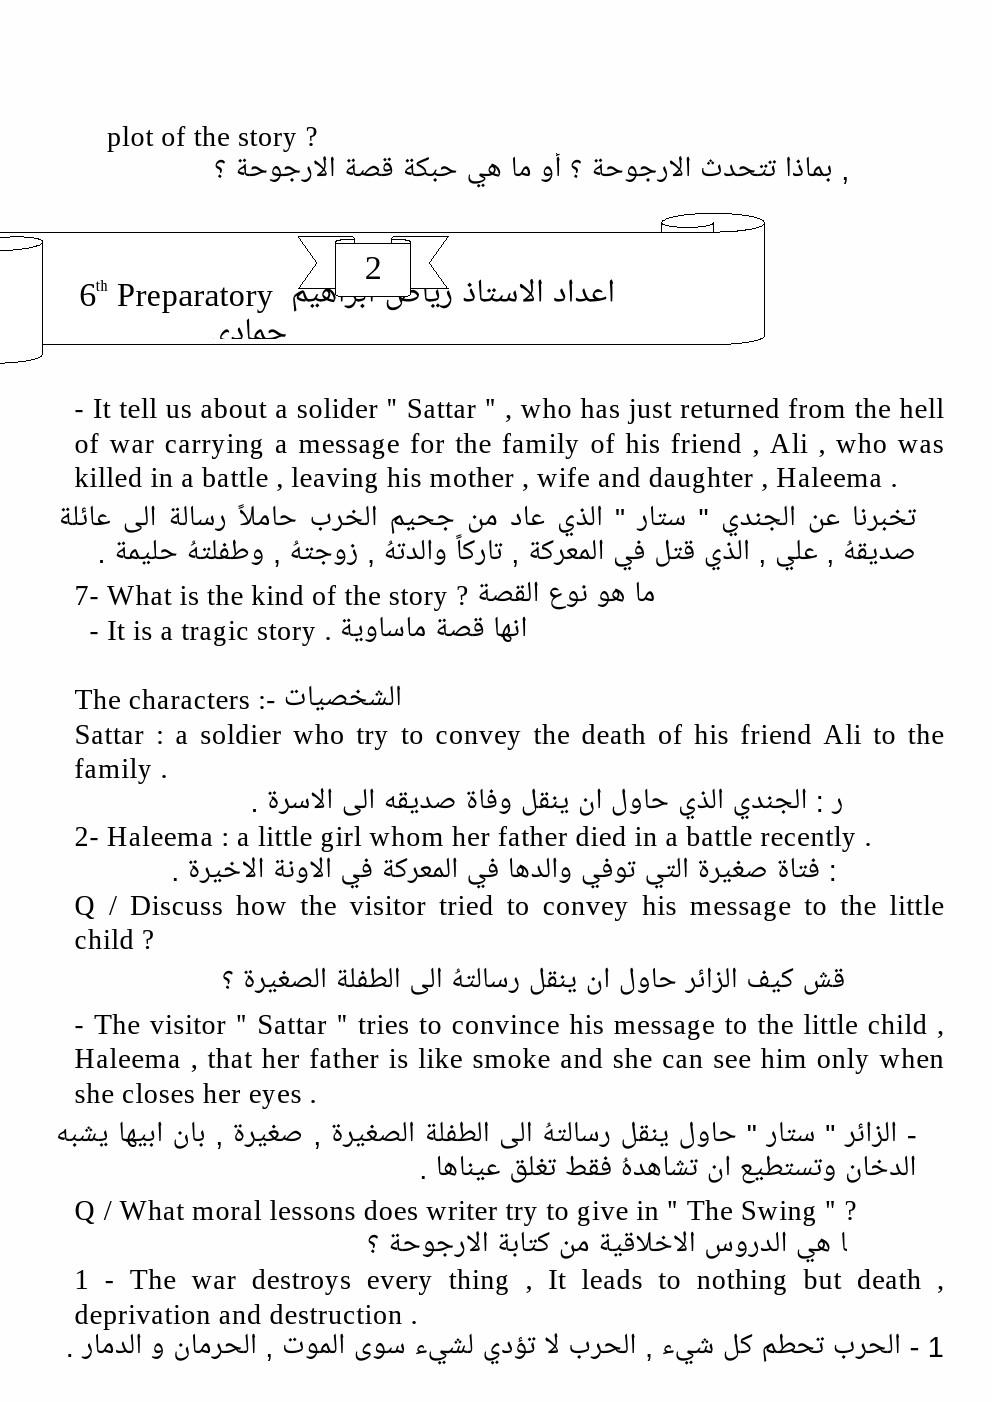 كتاب القواعد للصف السادس الابتدائي